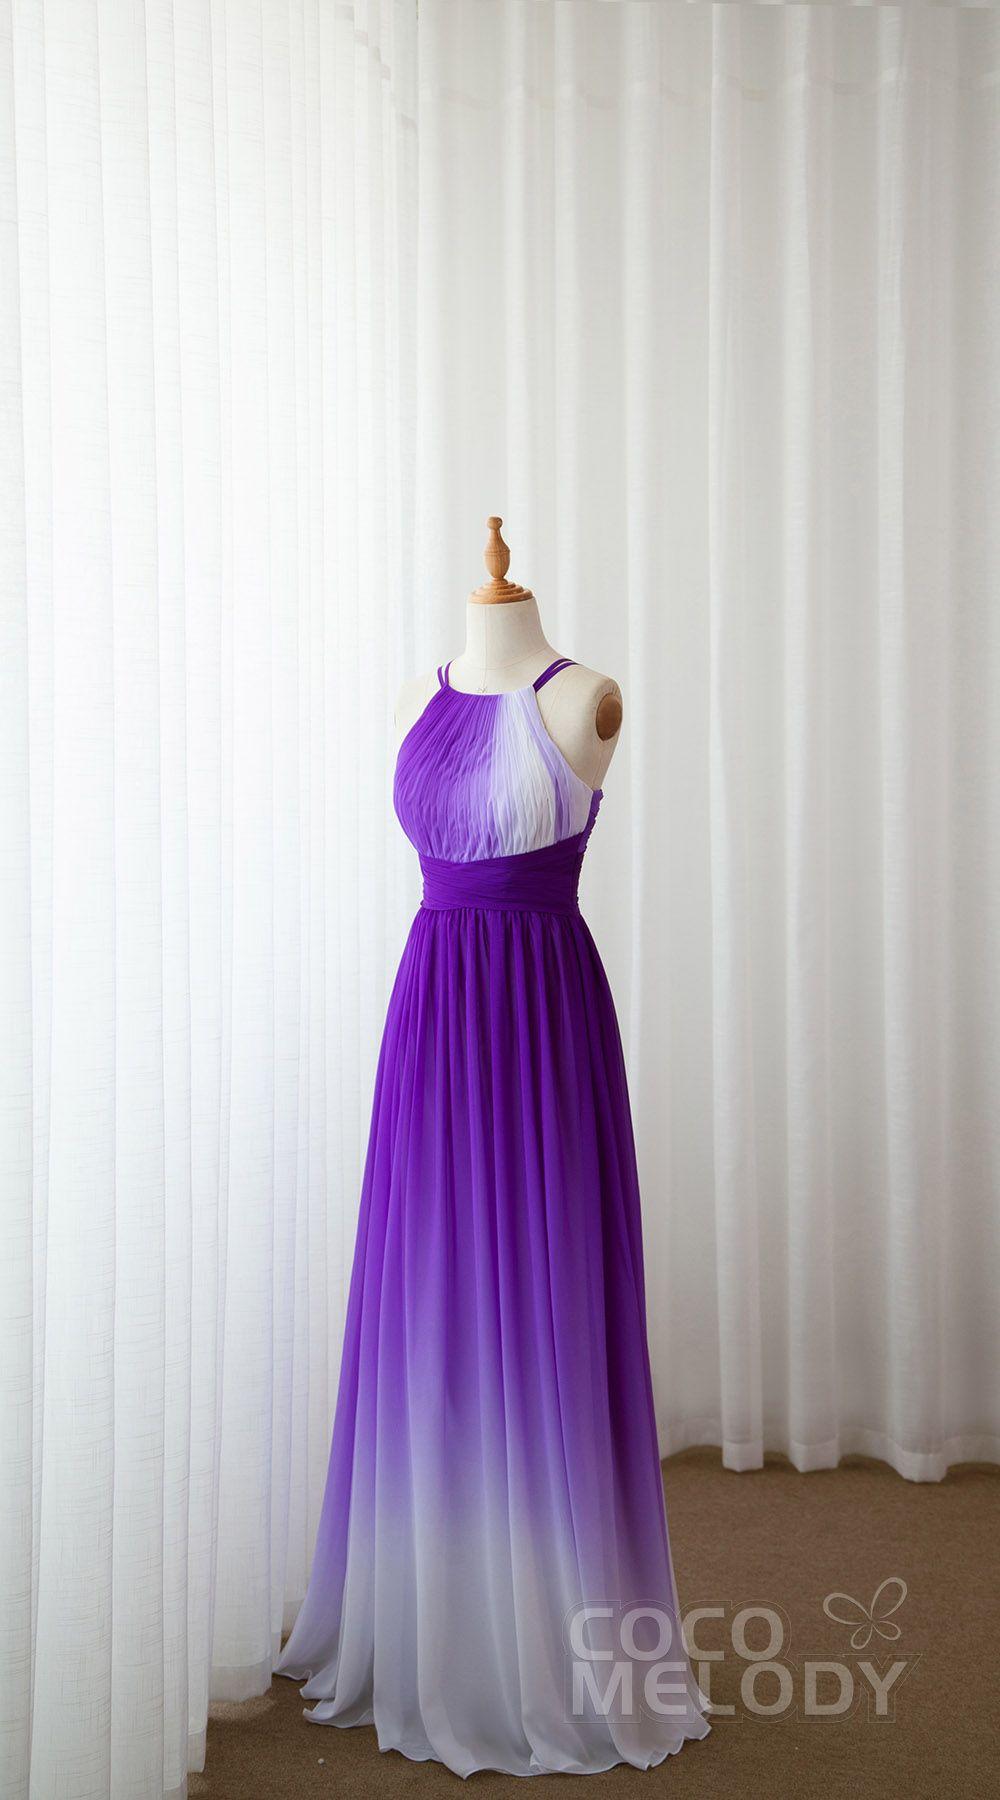 Usd 119 Sheath Column Ombre Chiffon Bridesmaid Dress Cozf17008 Ombre Bridesmaid Dresses Blue Bridesmaid Dresses Short Dresses [ 1800 x 1000 Pixel ]